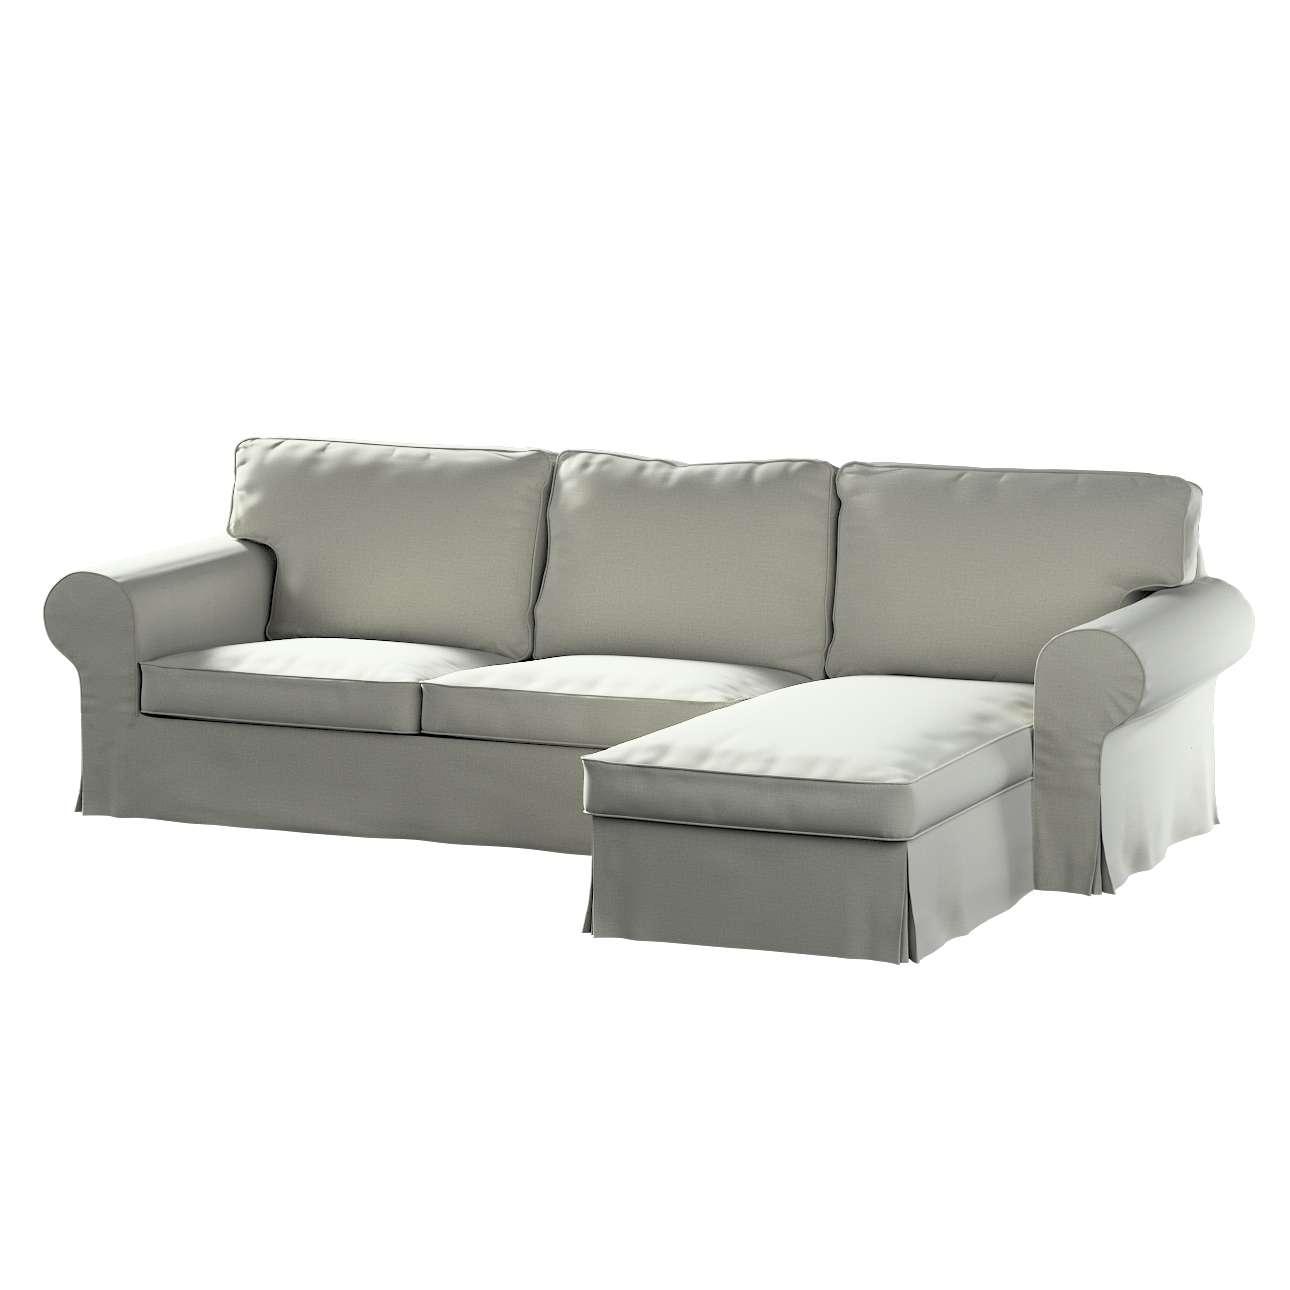 Pokrowiec na sofę Ektorp 2-osobową i leżankę w kolekcji Ingrid, tkanina: 705-41